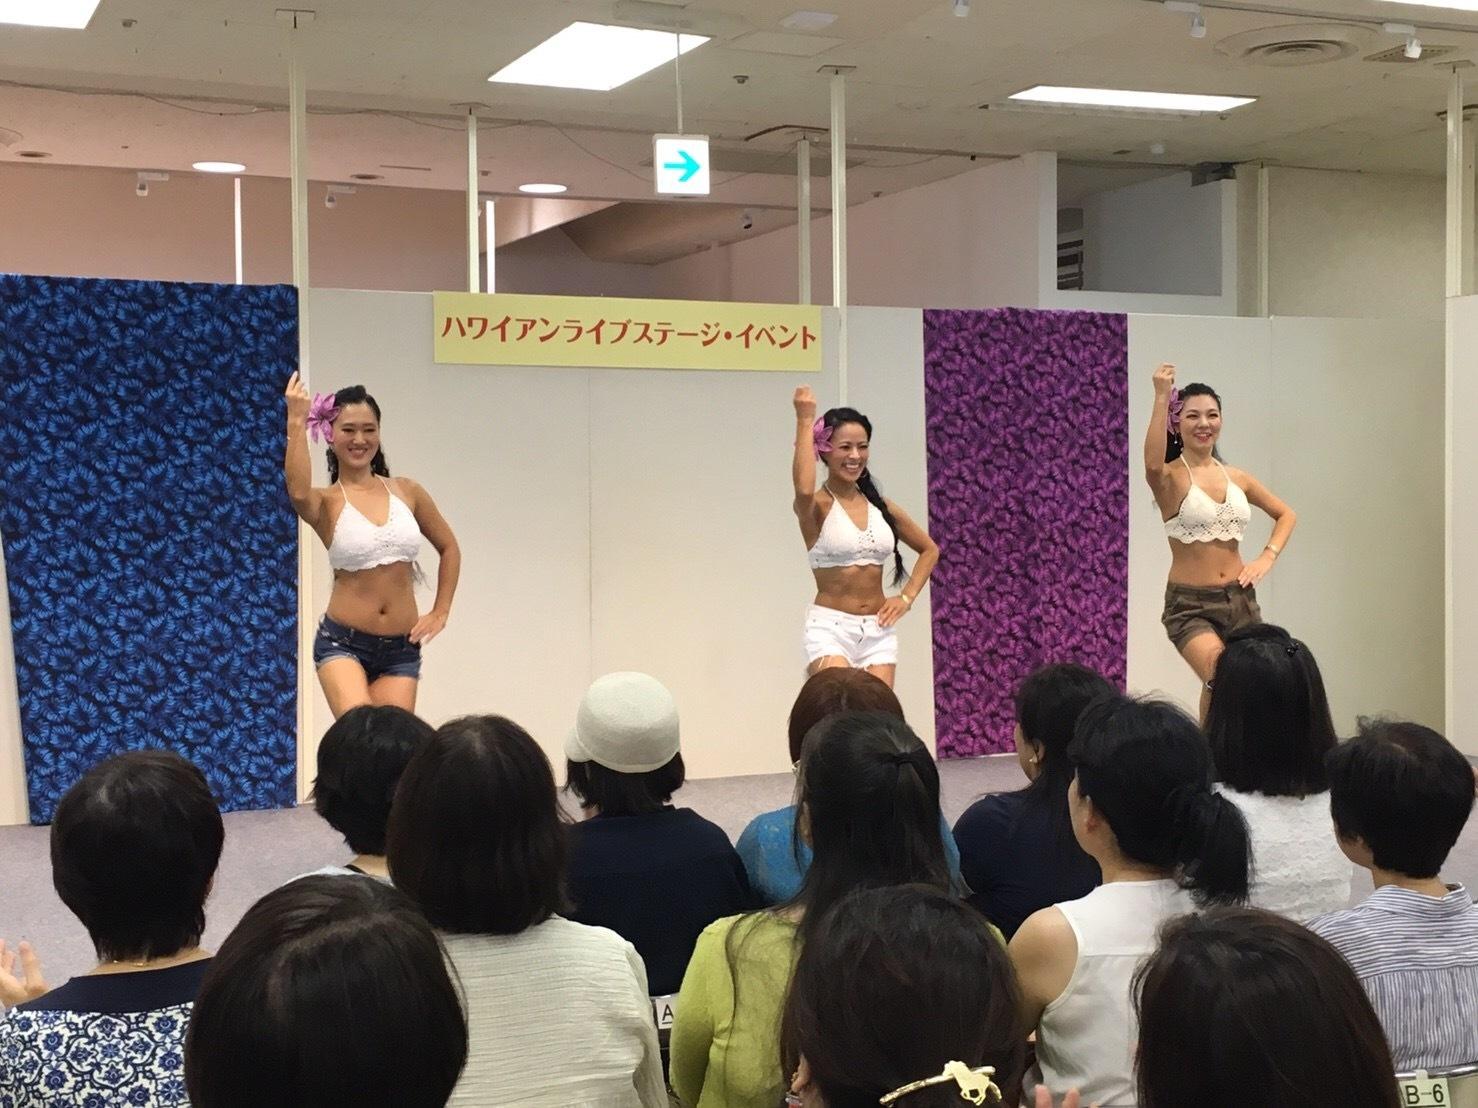 新潟三越ハワイアン&リゾート フェア_d0256587_00554113.jpeg